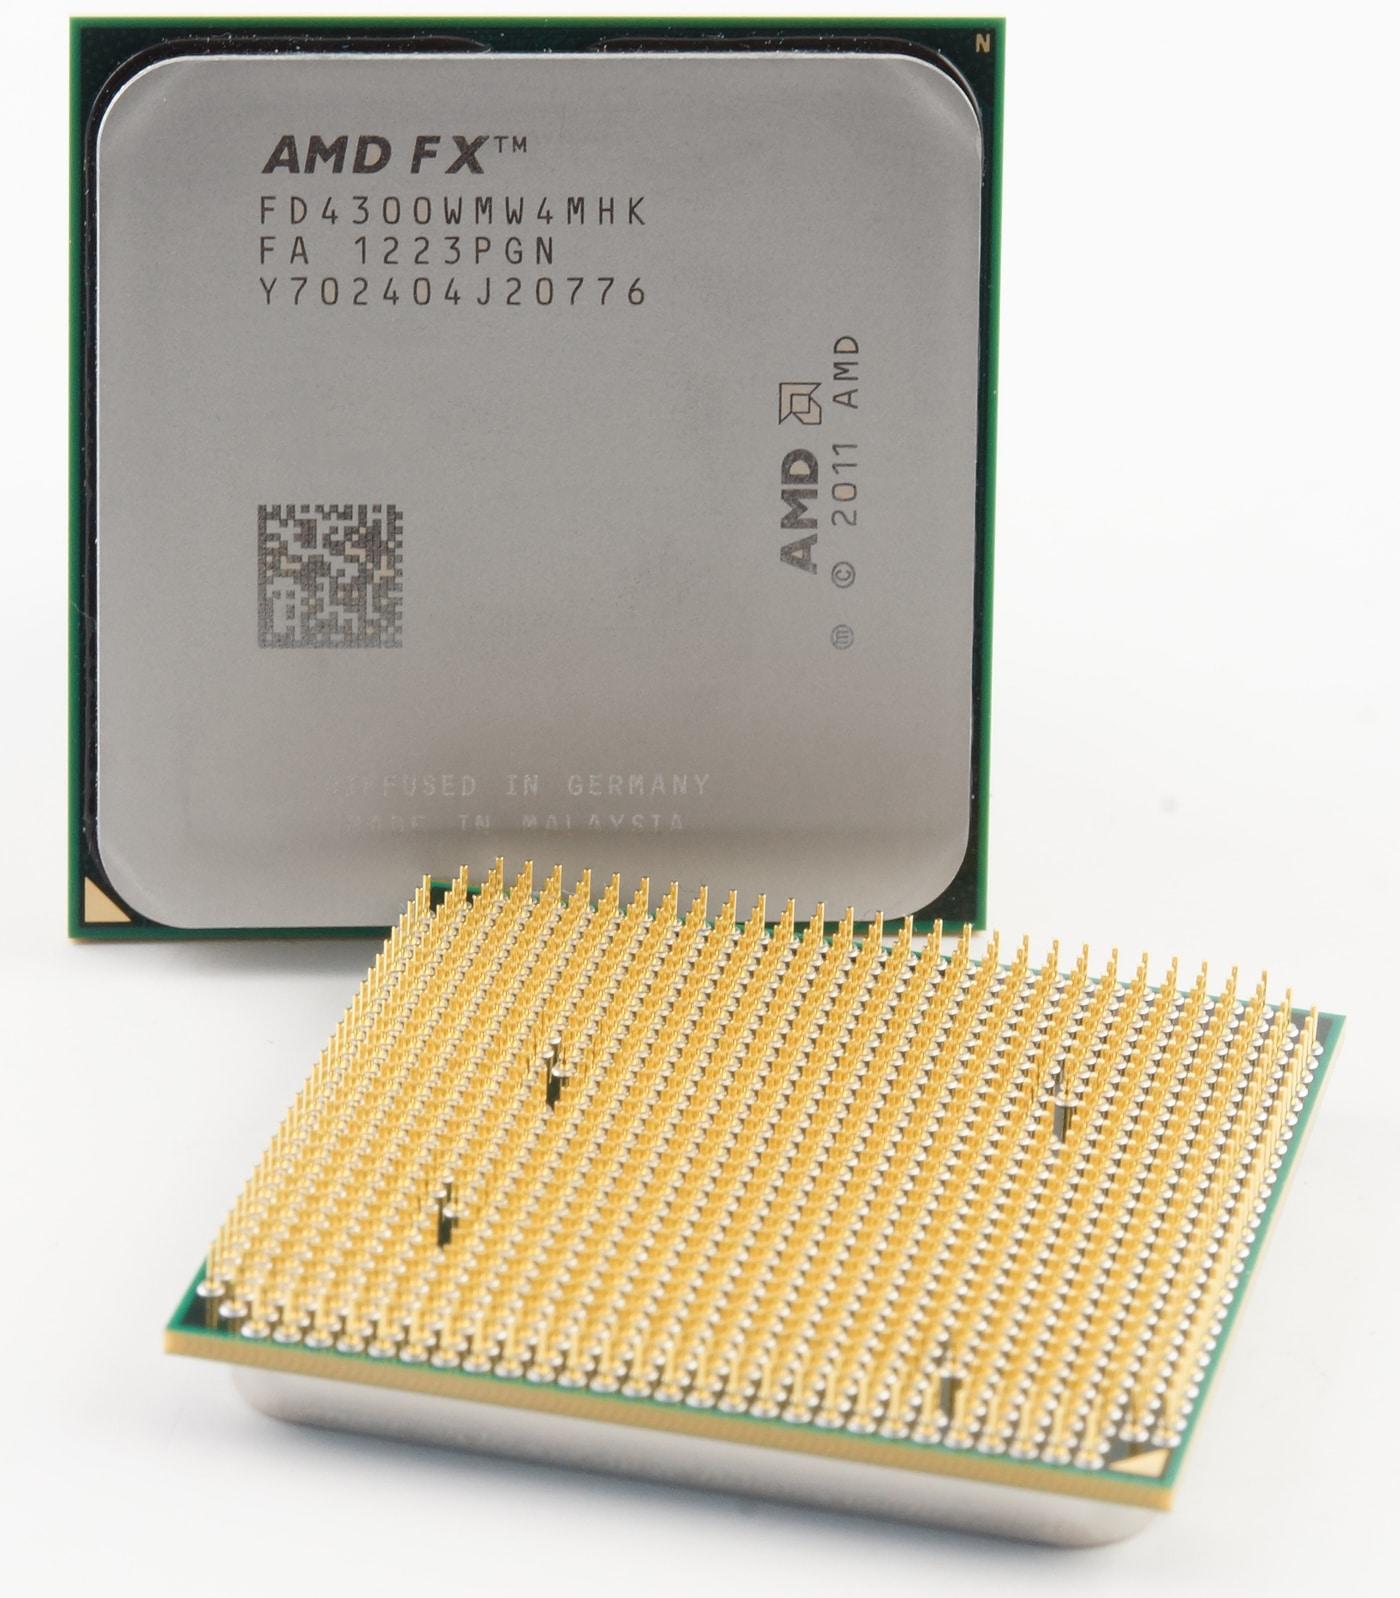 Les différents composants d'un ordinateur article legaragedupc.fr 14